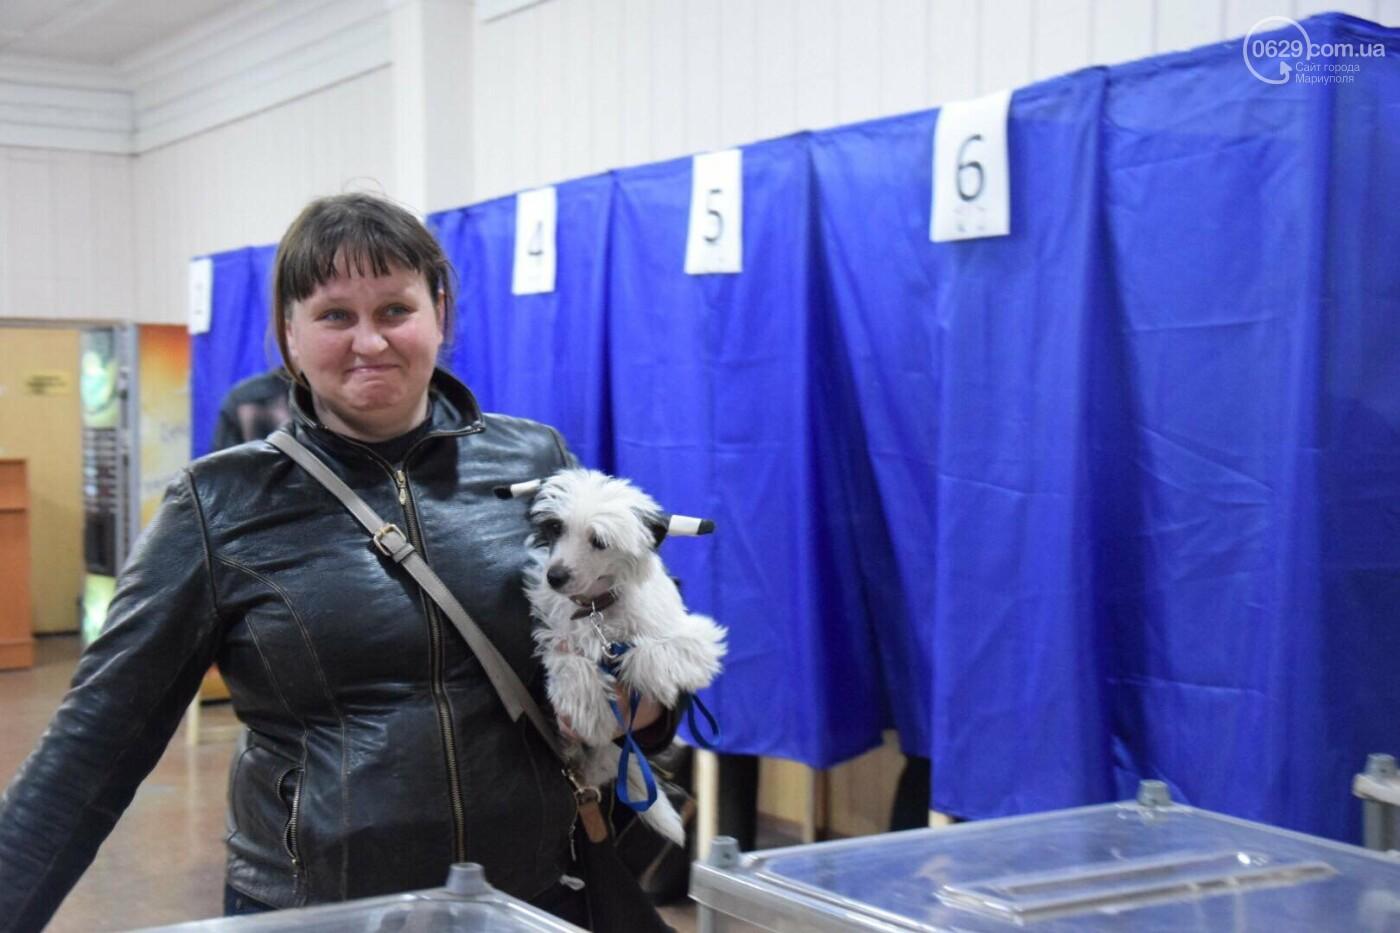 Мариупольцы выбирают Президента в компании животных, - ФОТО, ВИДЕО, фото-1